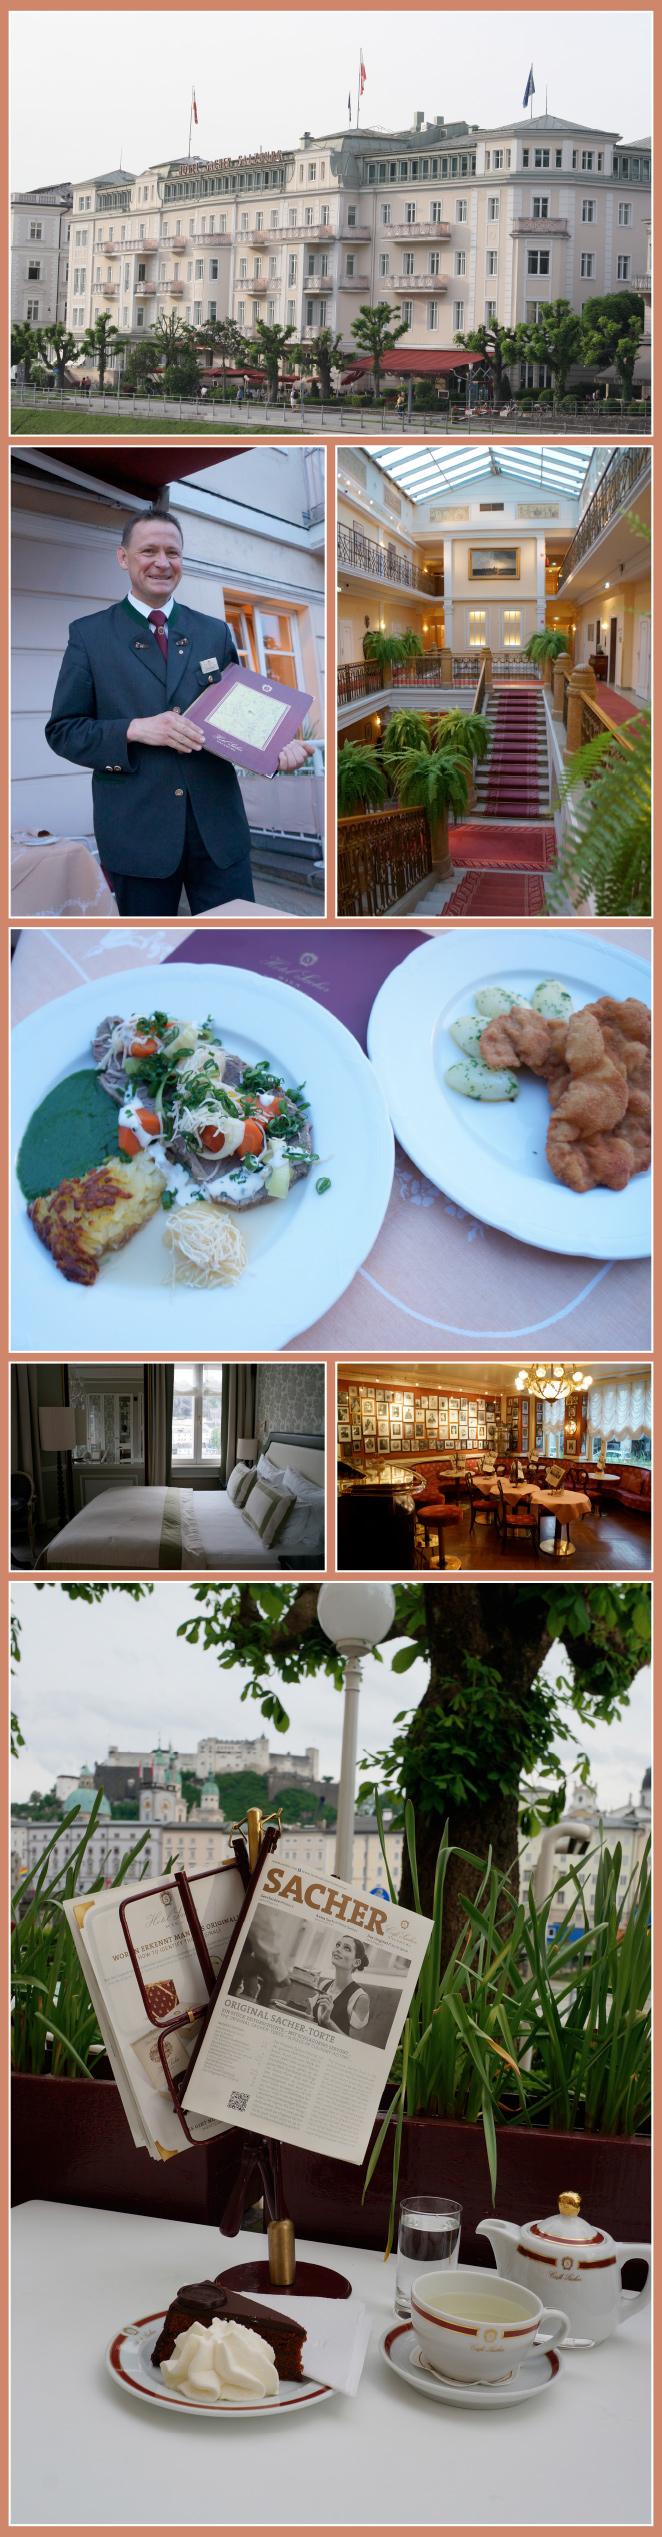 Mítico Hotel Sacher, 5*GL, debe su nombre a la familia Sacher, que originalmente creó la Tarta Sacher en 1832 y posteriormente se inició en el negocio hotelero, con el Hotel Sacher de Viena, el referente internacional